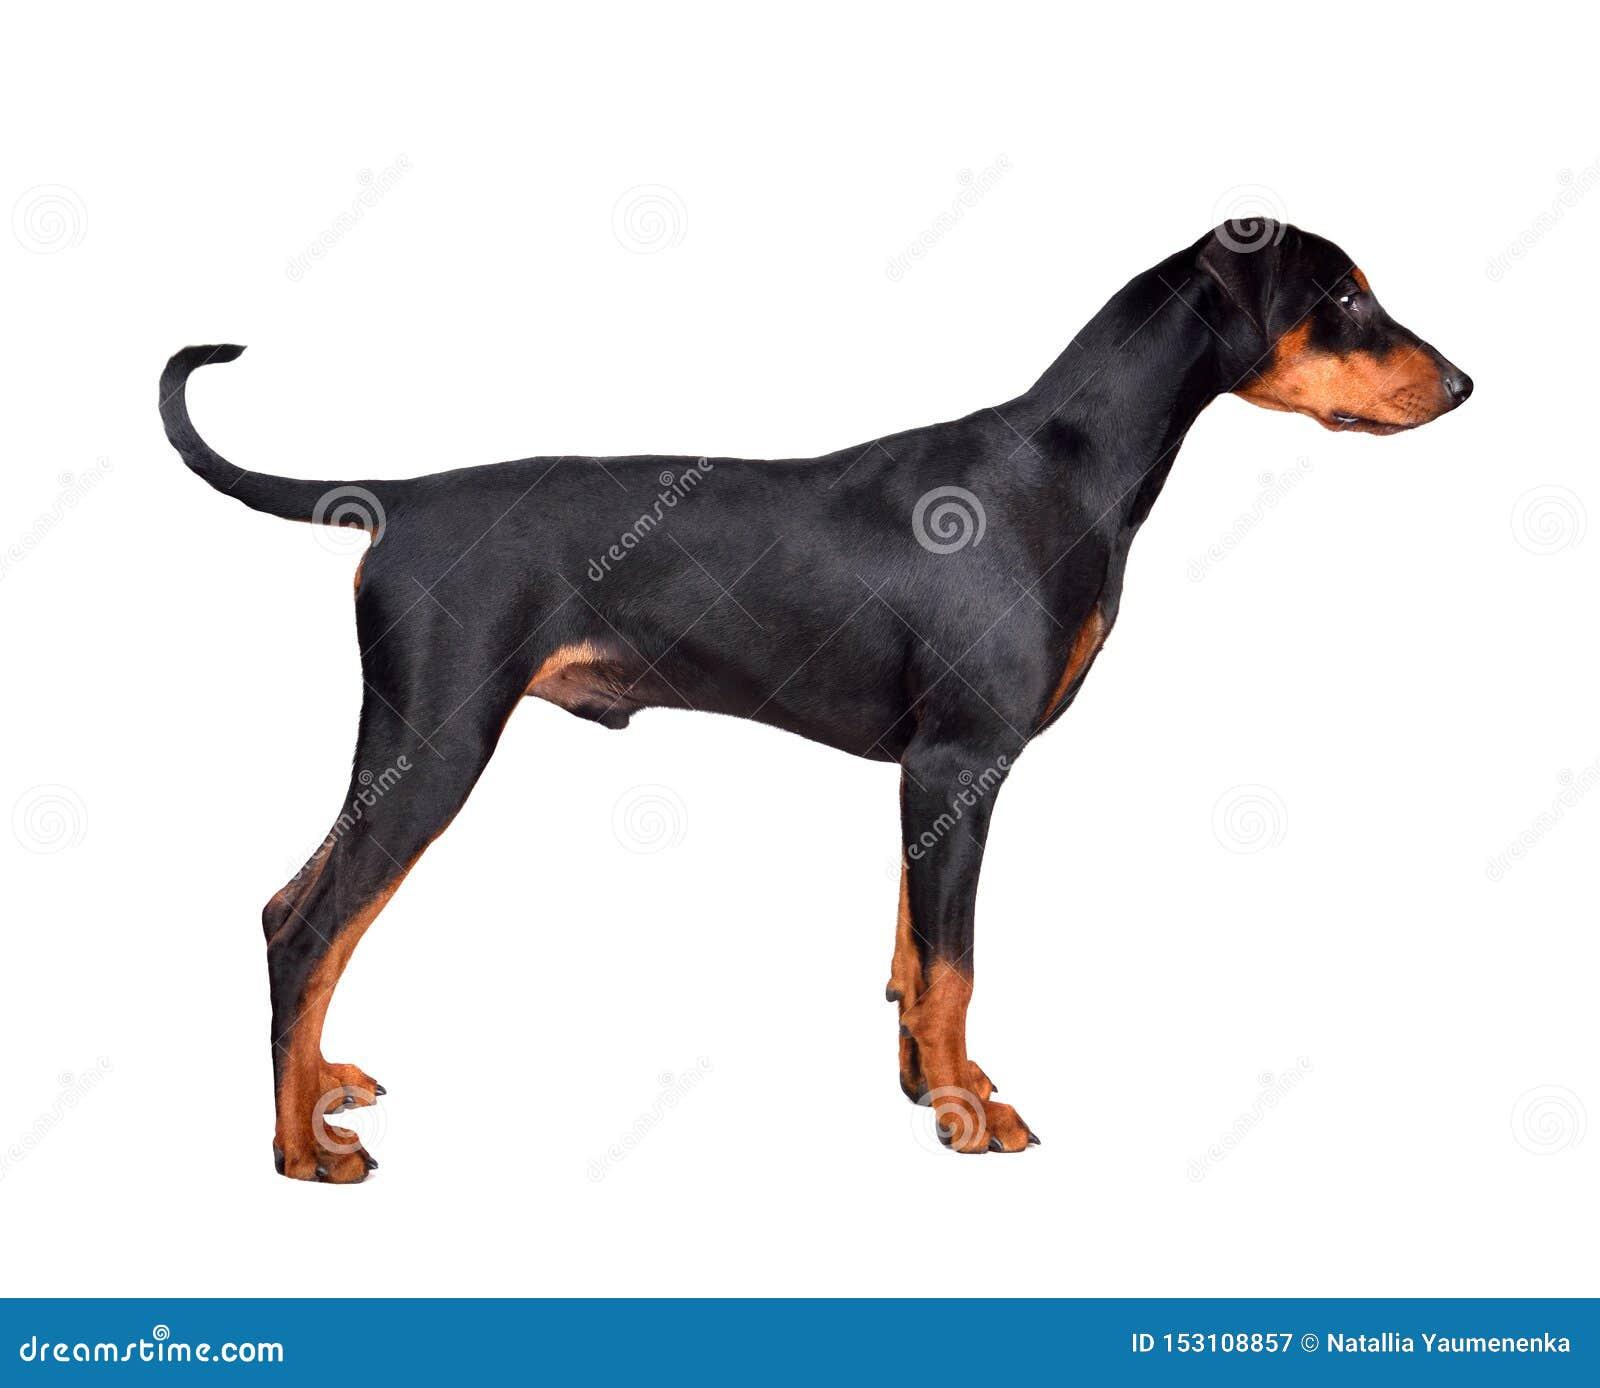 Standing Doberman Pinscher Puppy Stock Image Image Of Doberman Look 153108857